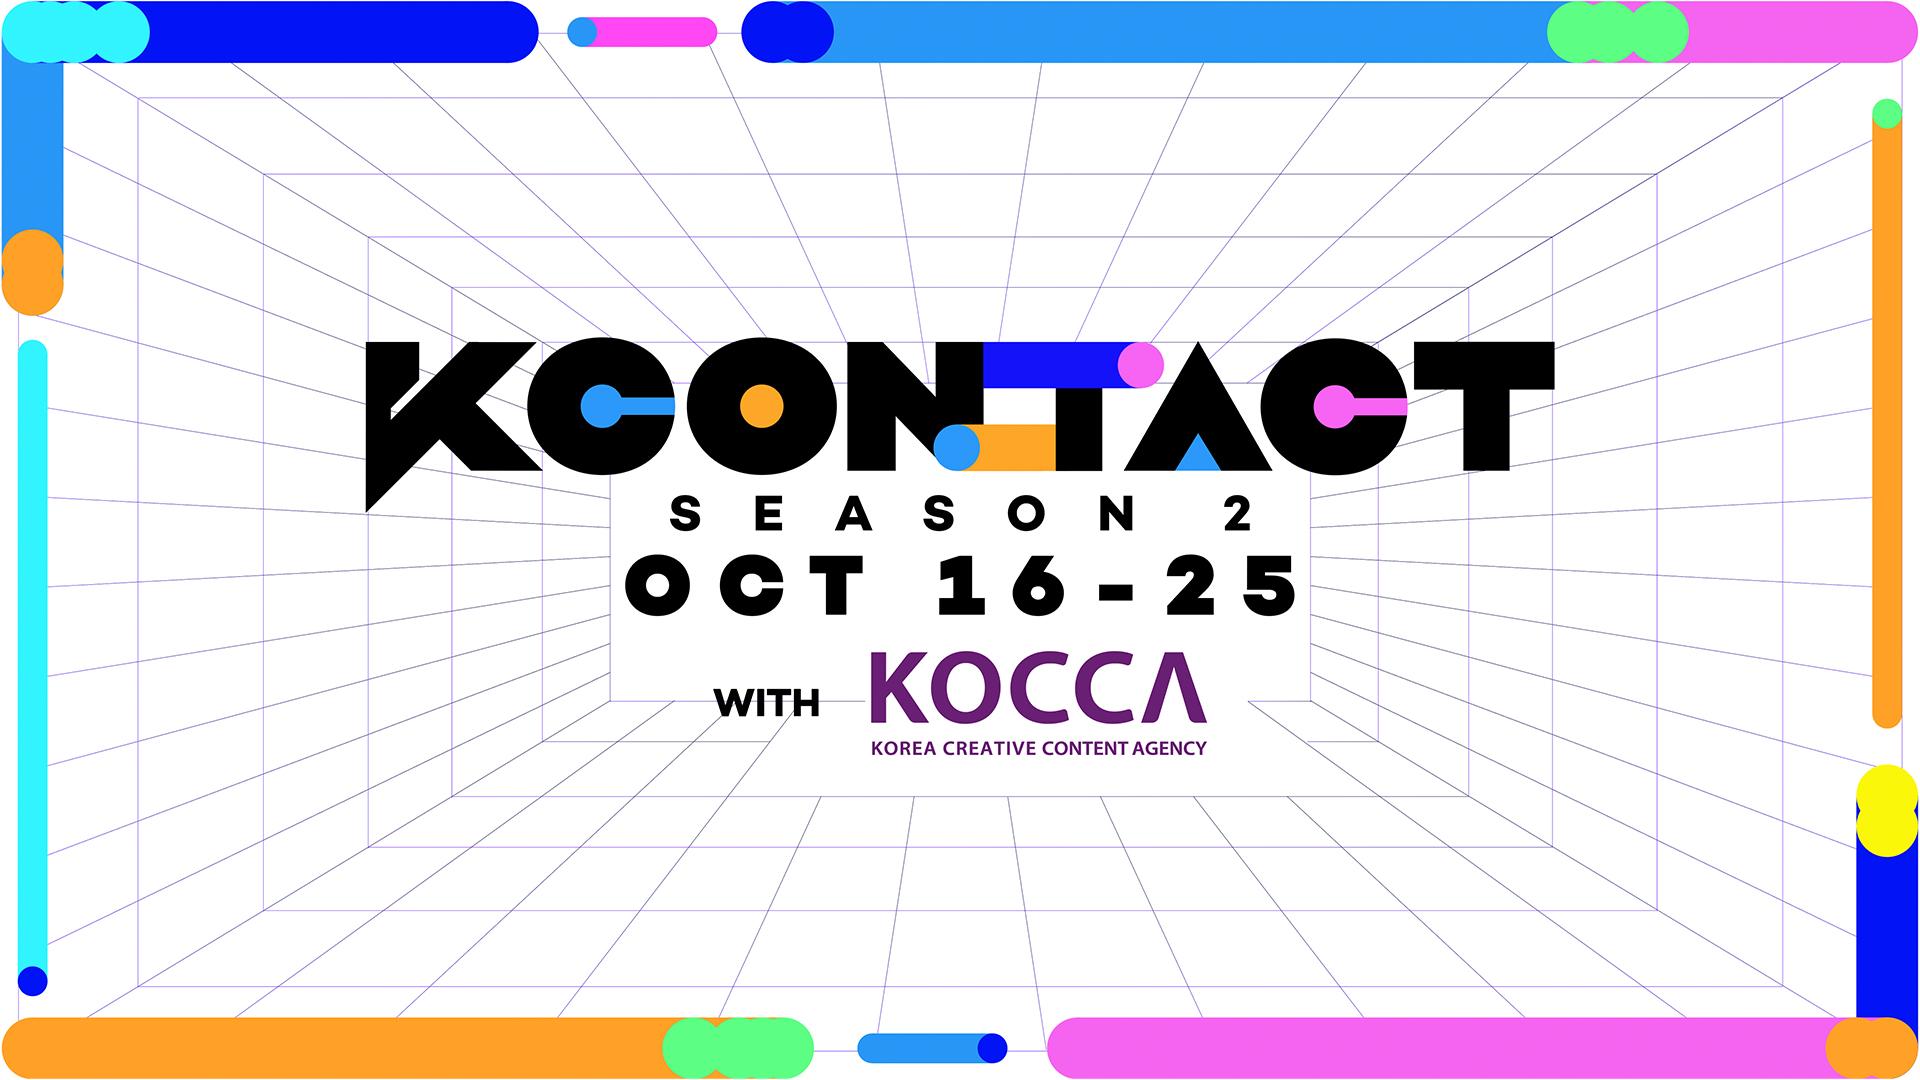 KCON:TACT season 2